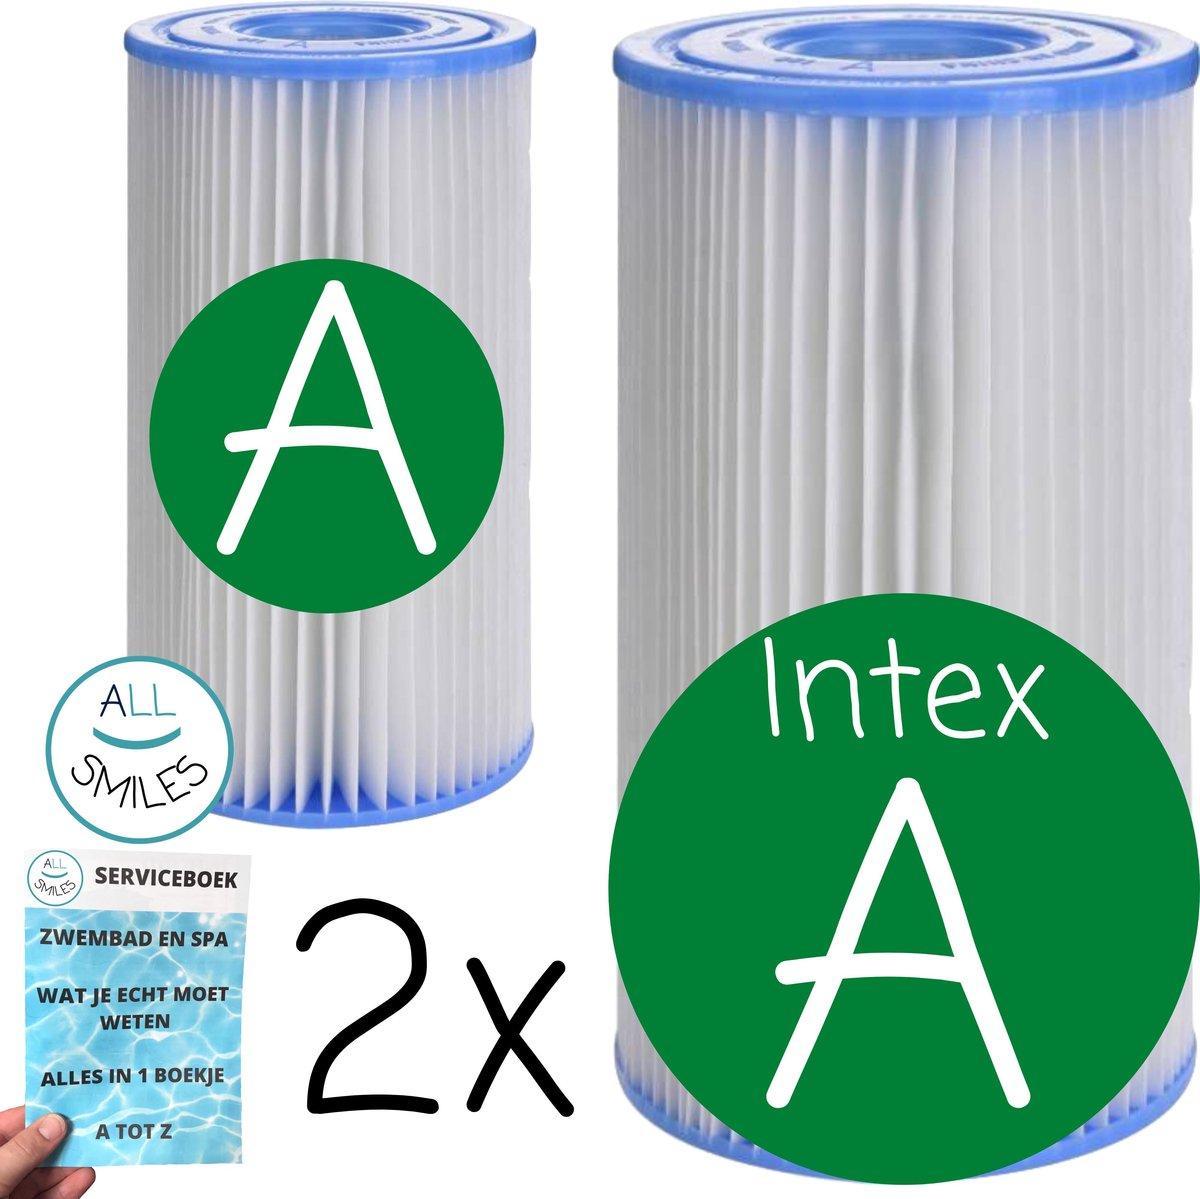 2 x Type A Intex Zwembadfilter voor Zwembad Onderhoud - Filtercartridge A - Filter A + ✅ All Smiles Serviceboek